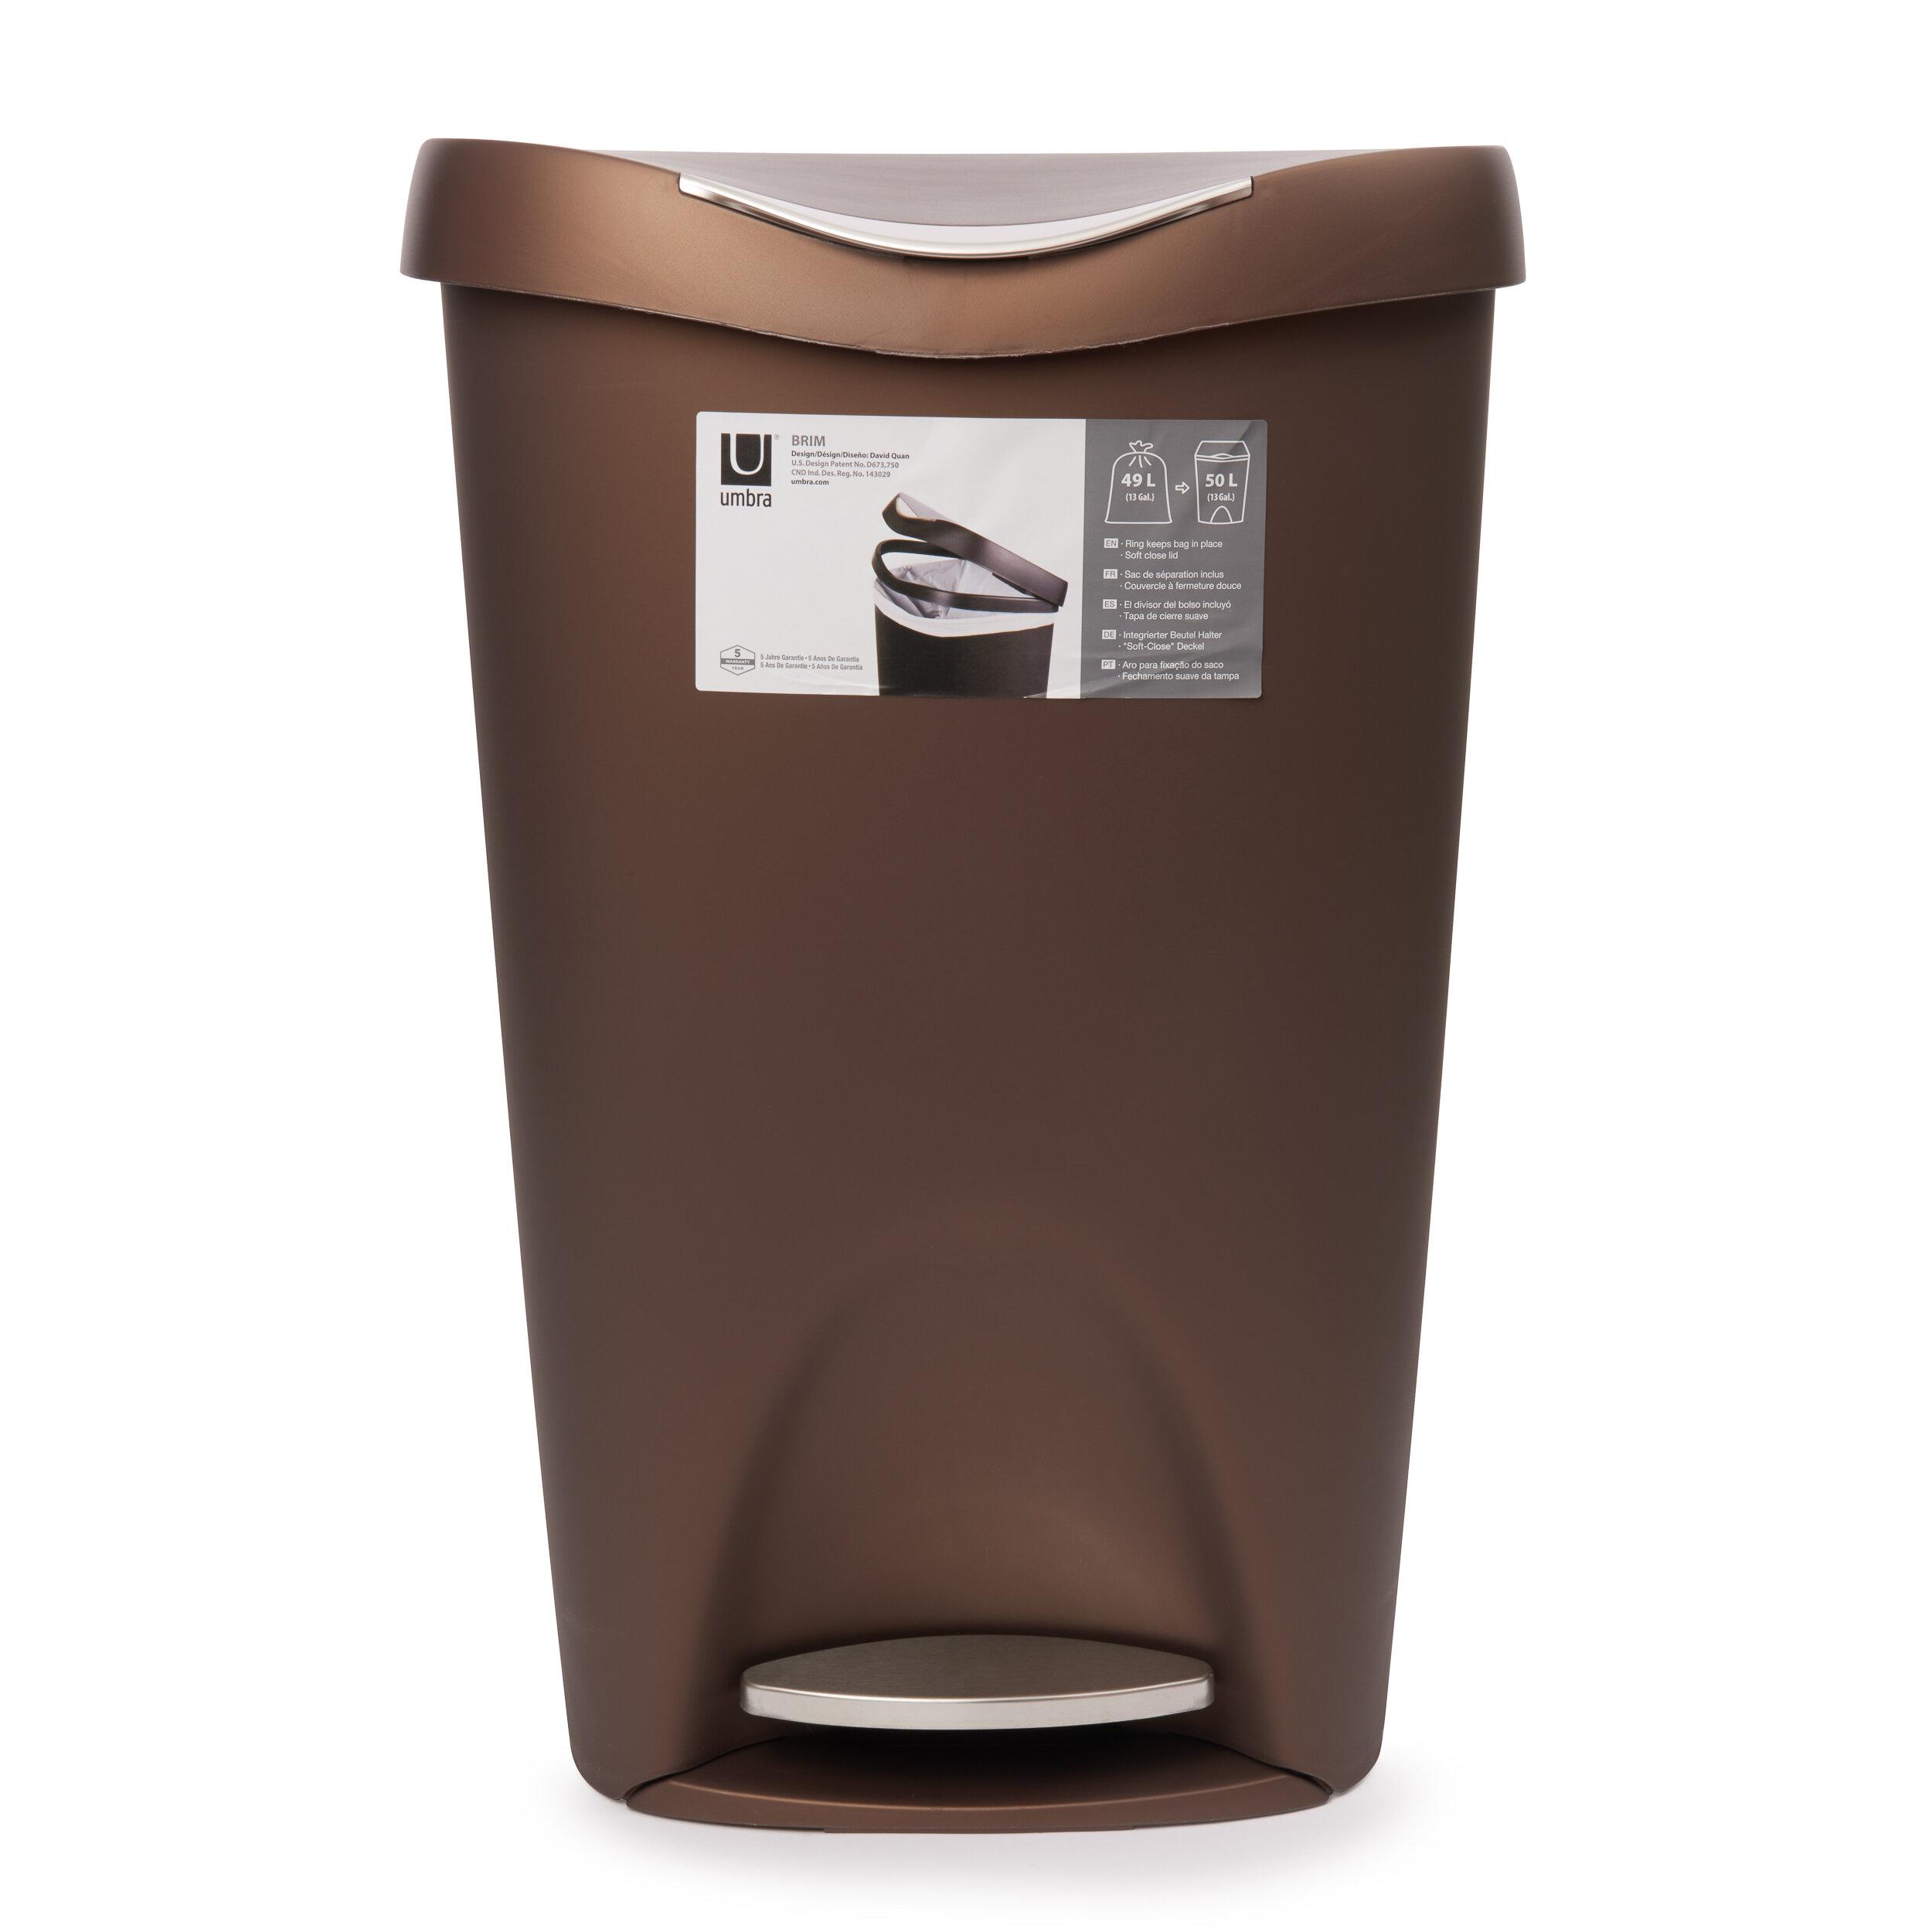 Kitchen Trash Step Can Waste Basket Garbage Disposal Bin Stainless Steel 13 Gal.